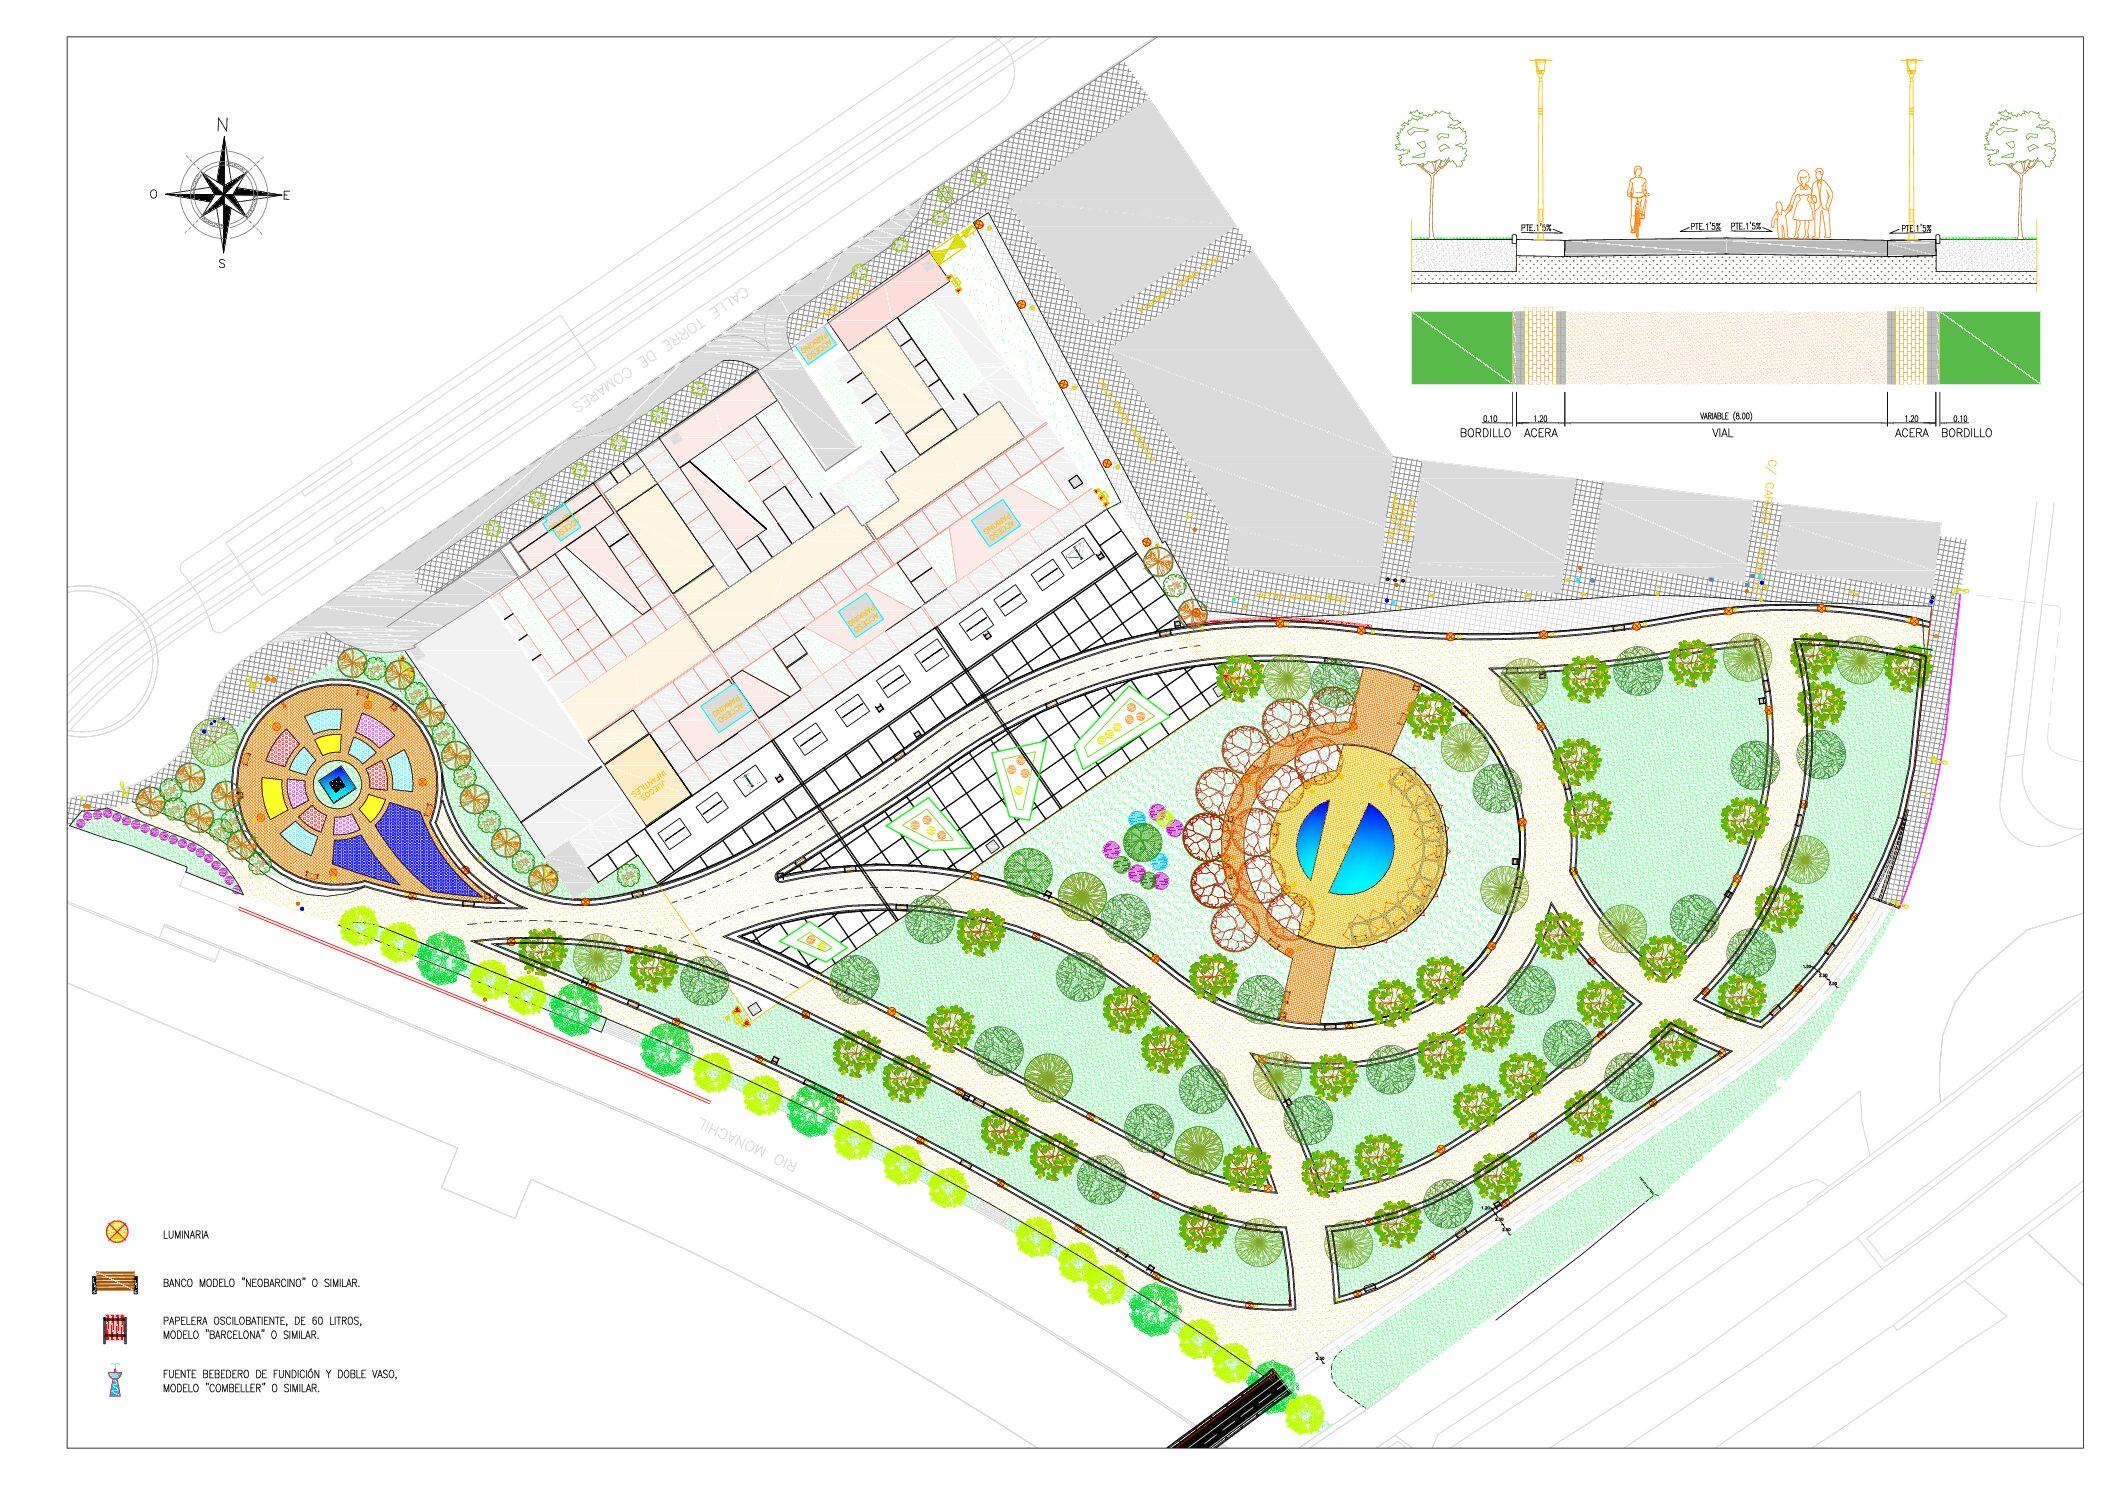 Inician las obras de un nuevo parque público frente al estadio de Los Cármenes